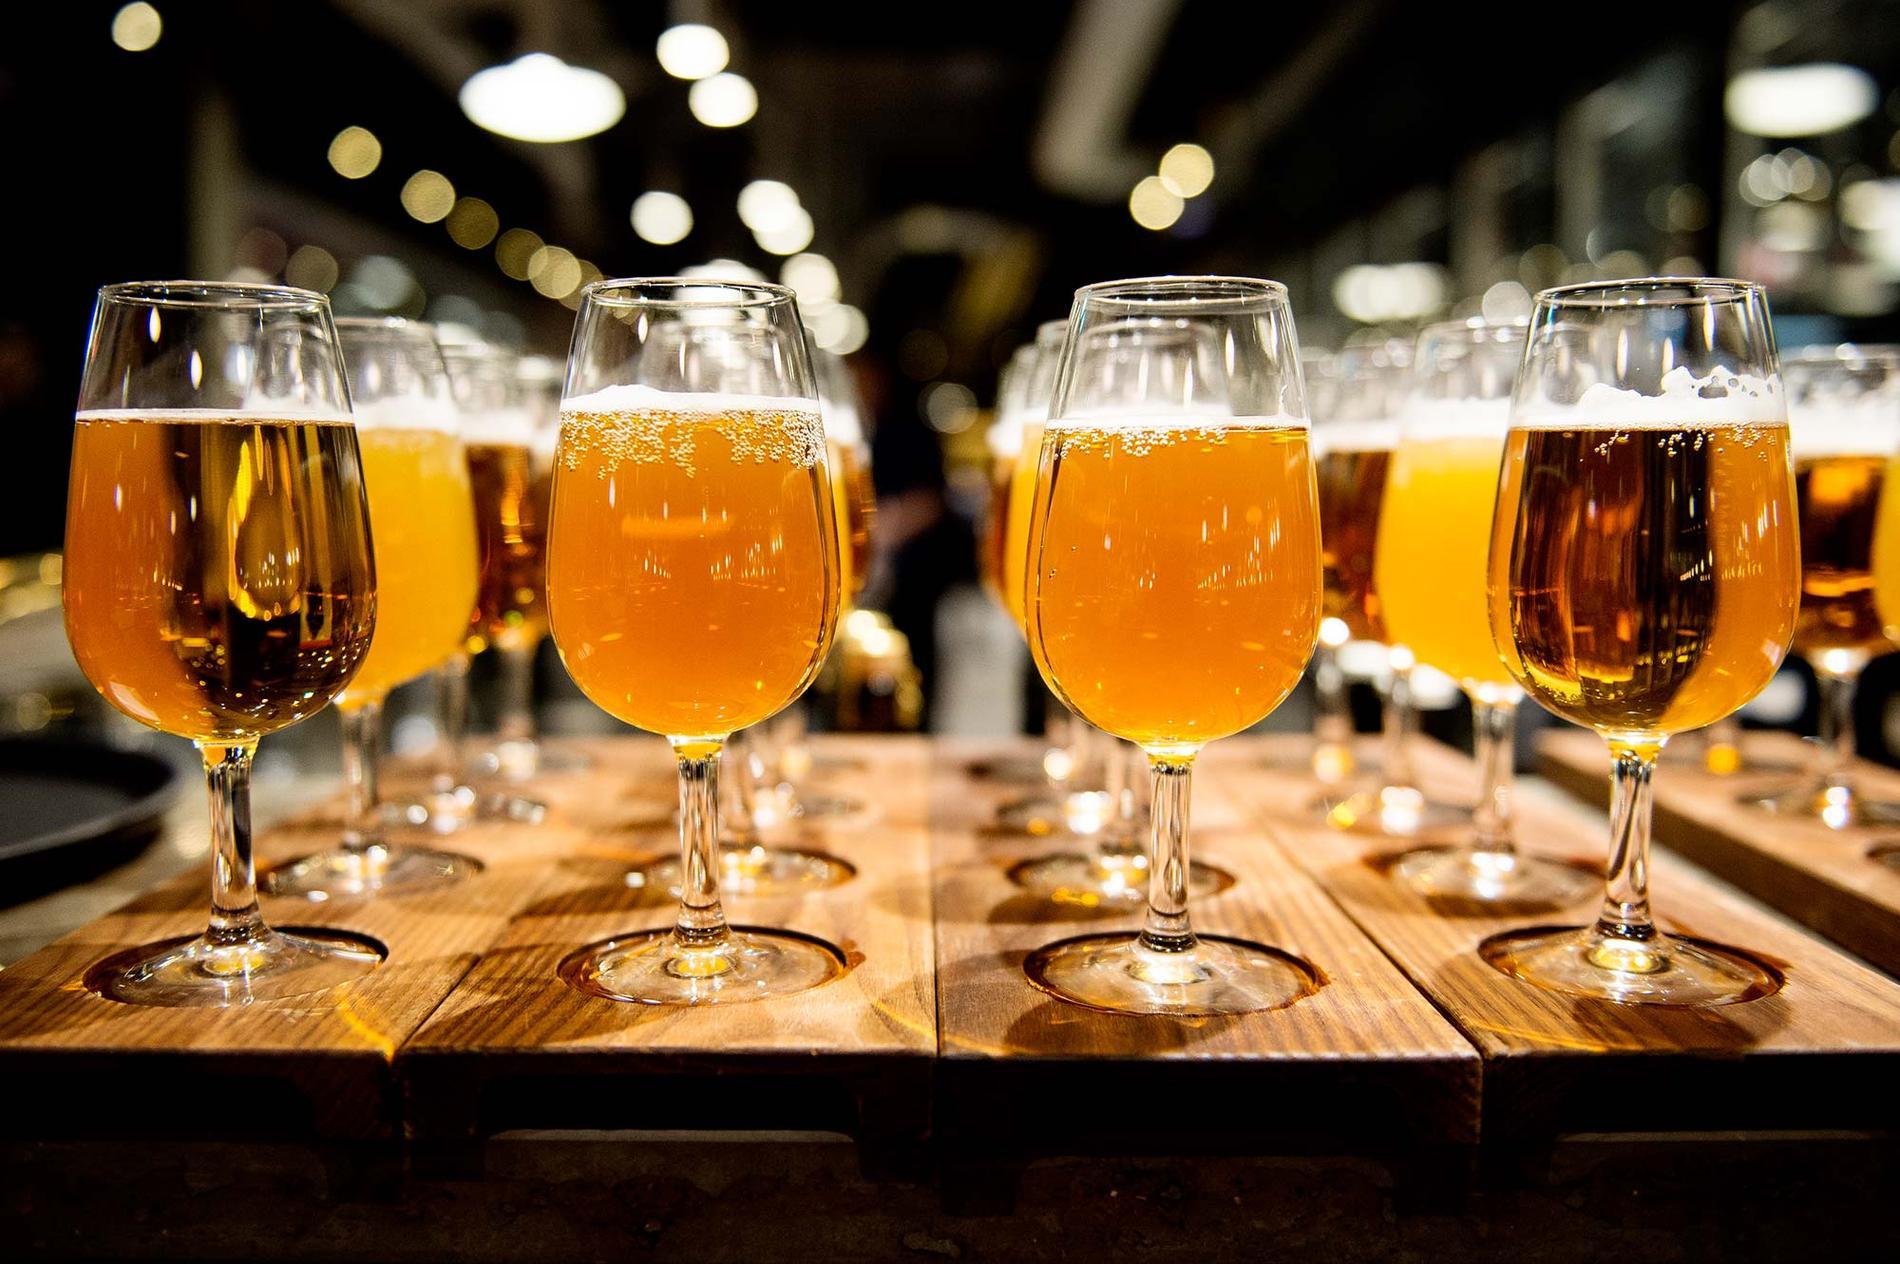 Lär du hur man matchar maten med ölet på bästa sätt.